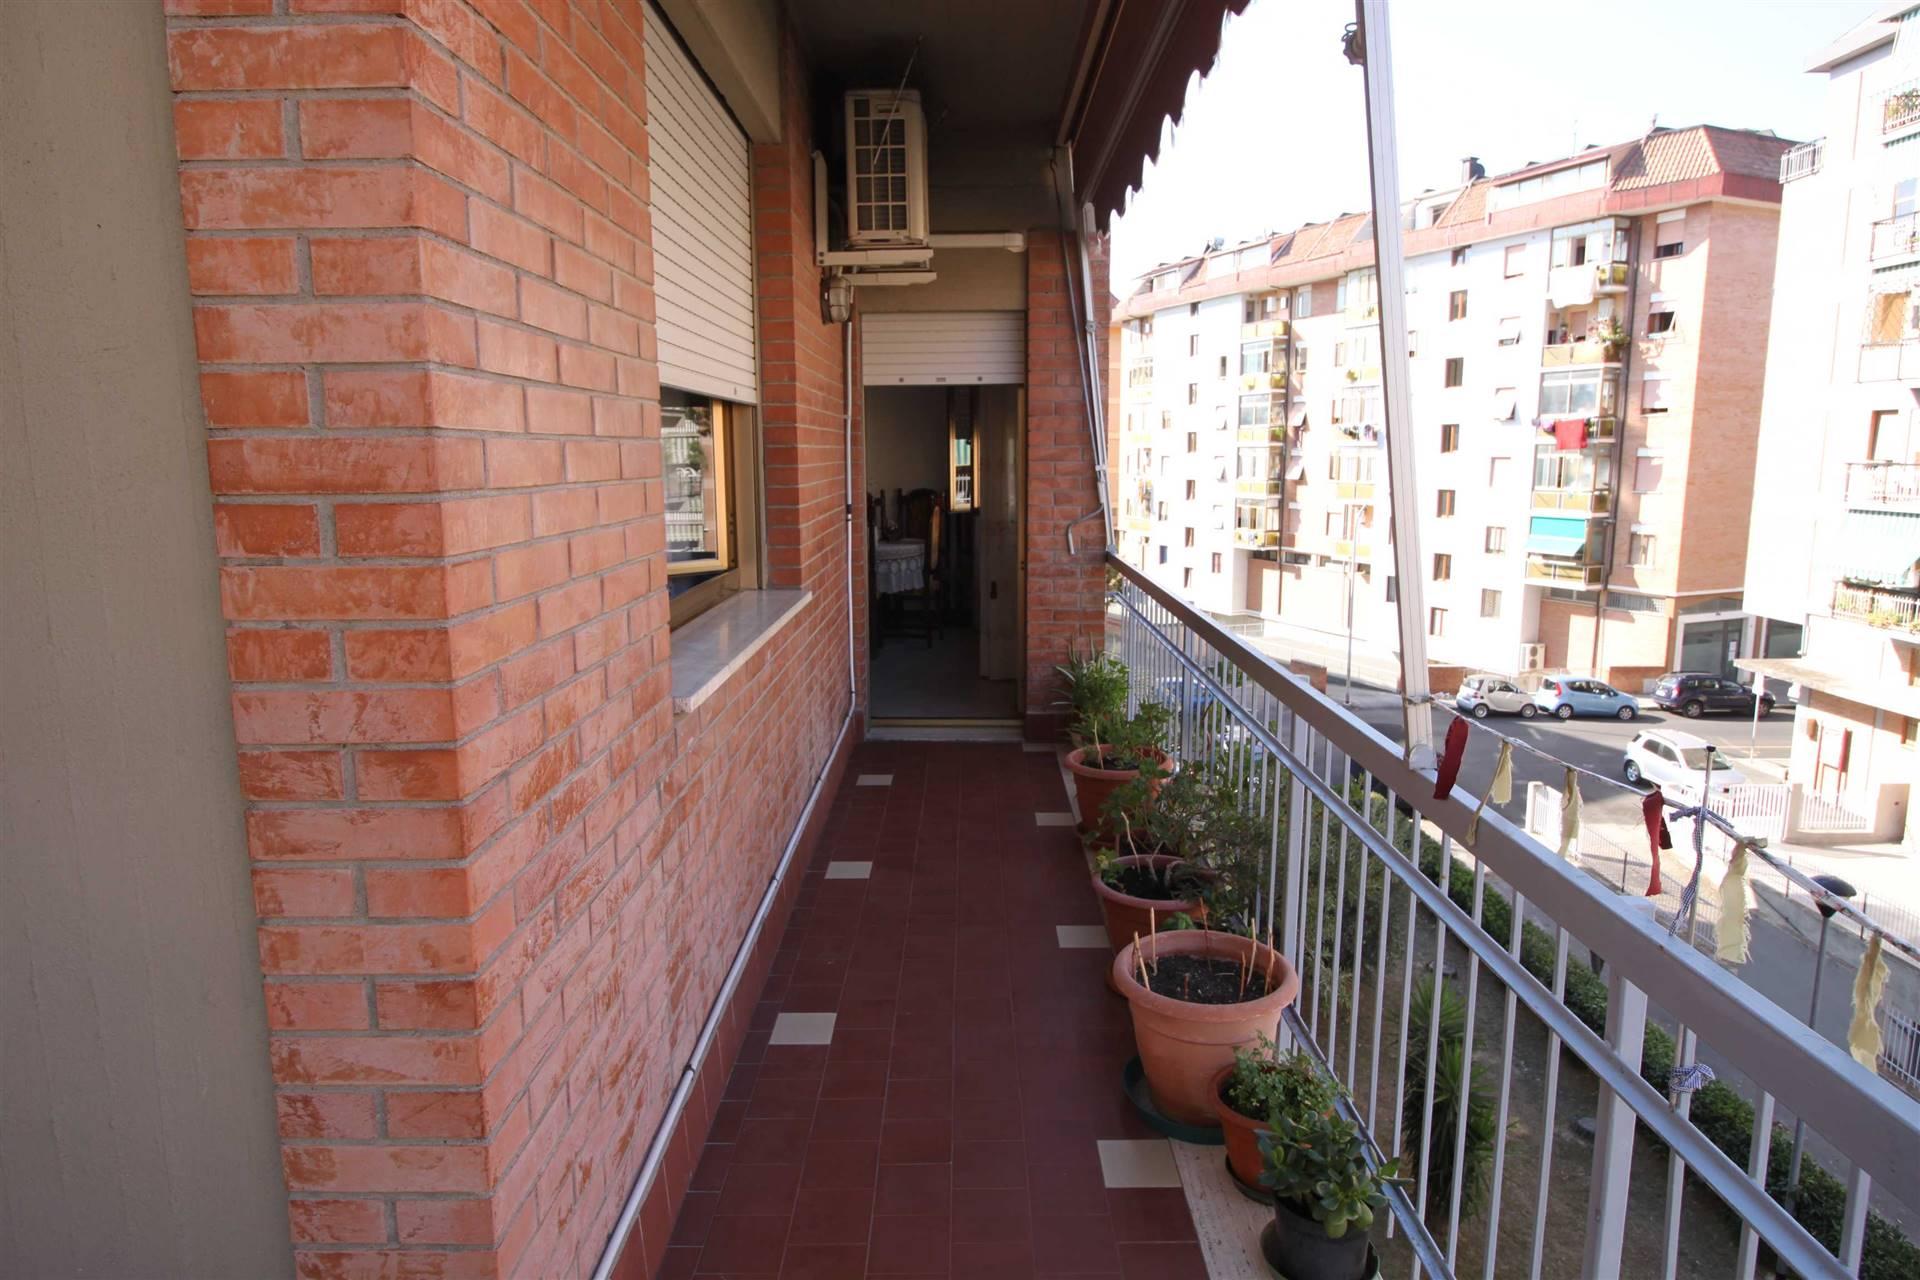 Zona TRIBUNALE - Via Trebbia 68 in tripla esposizione e palazzina signorile appartamento al piano terzo con ascensore composto di ampio ingresso,